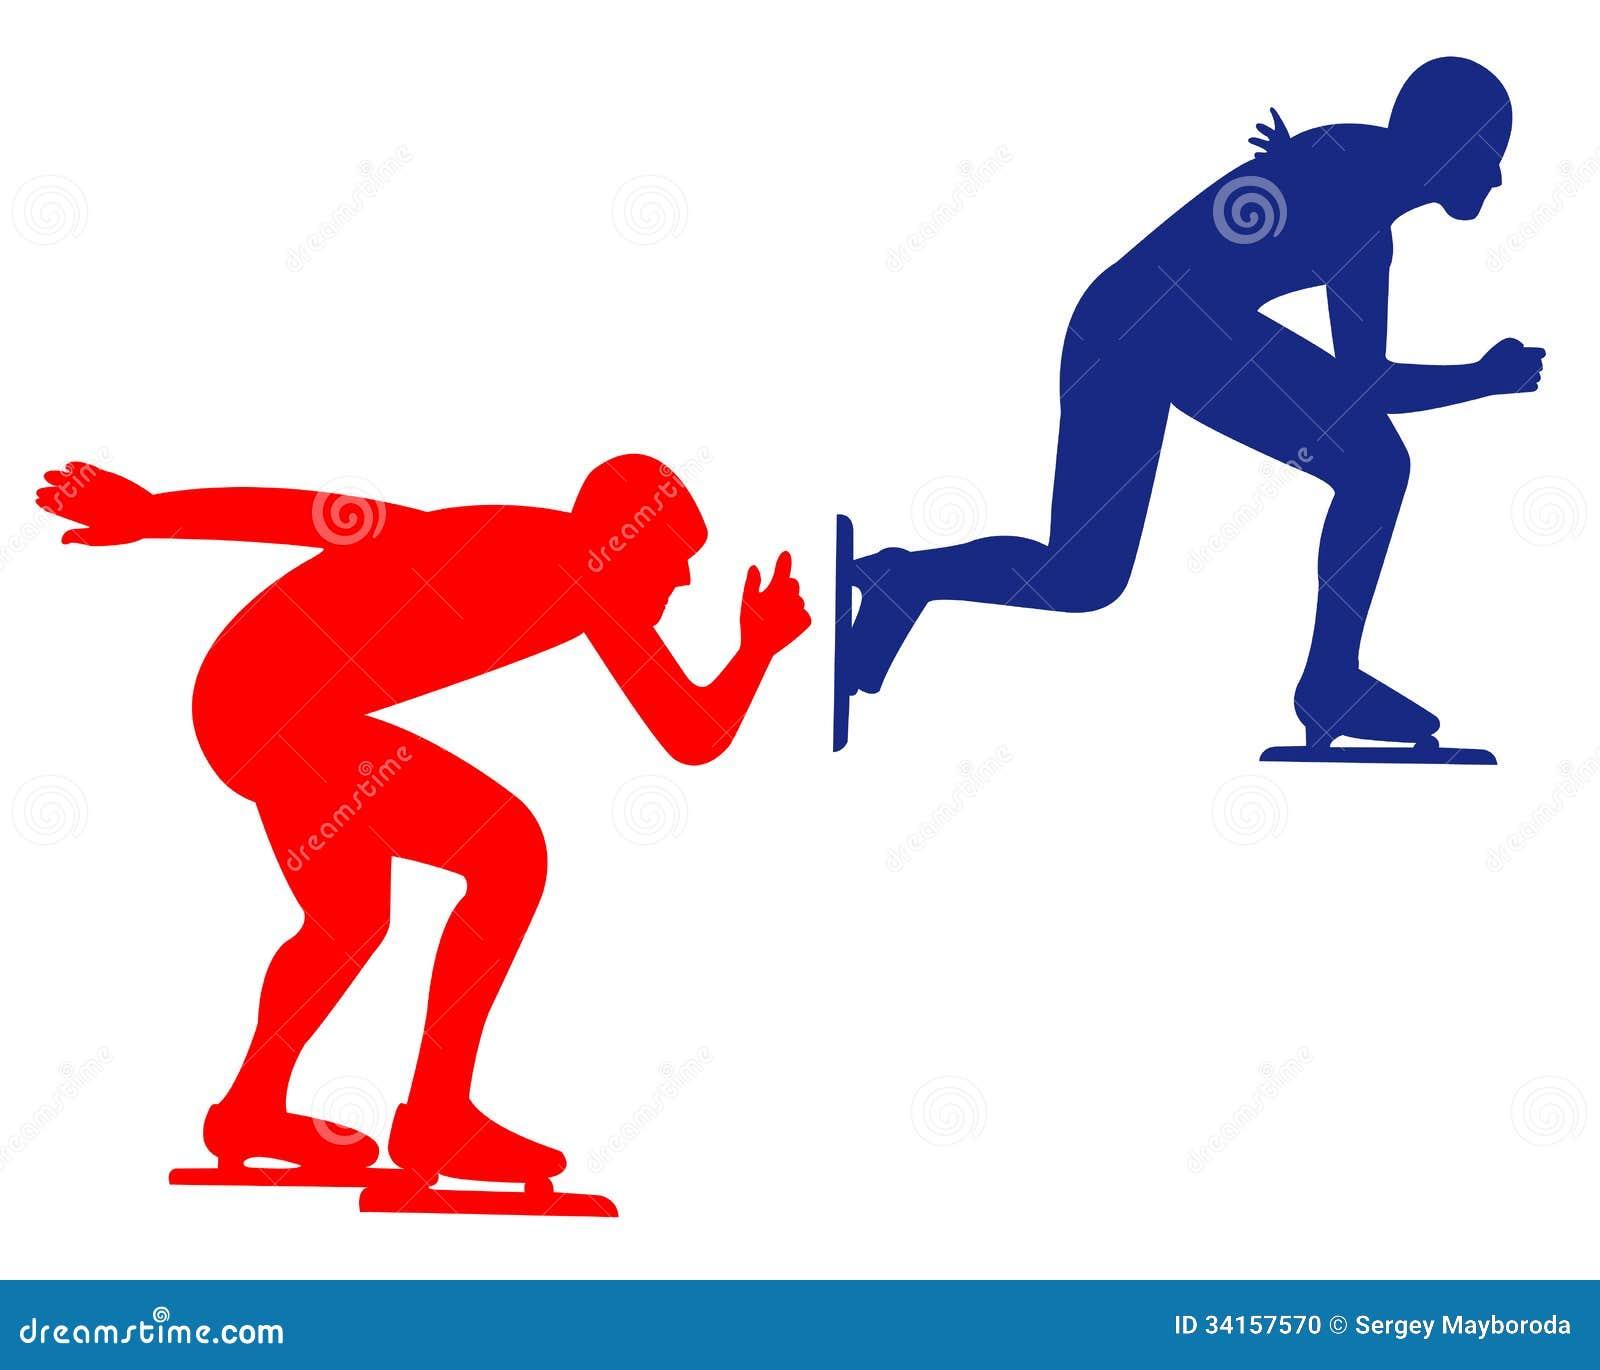 Синь и красный катаясь на коньках спорт